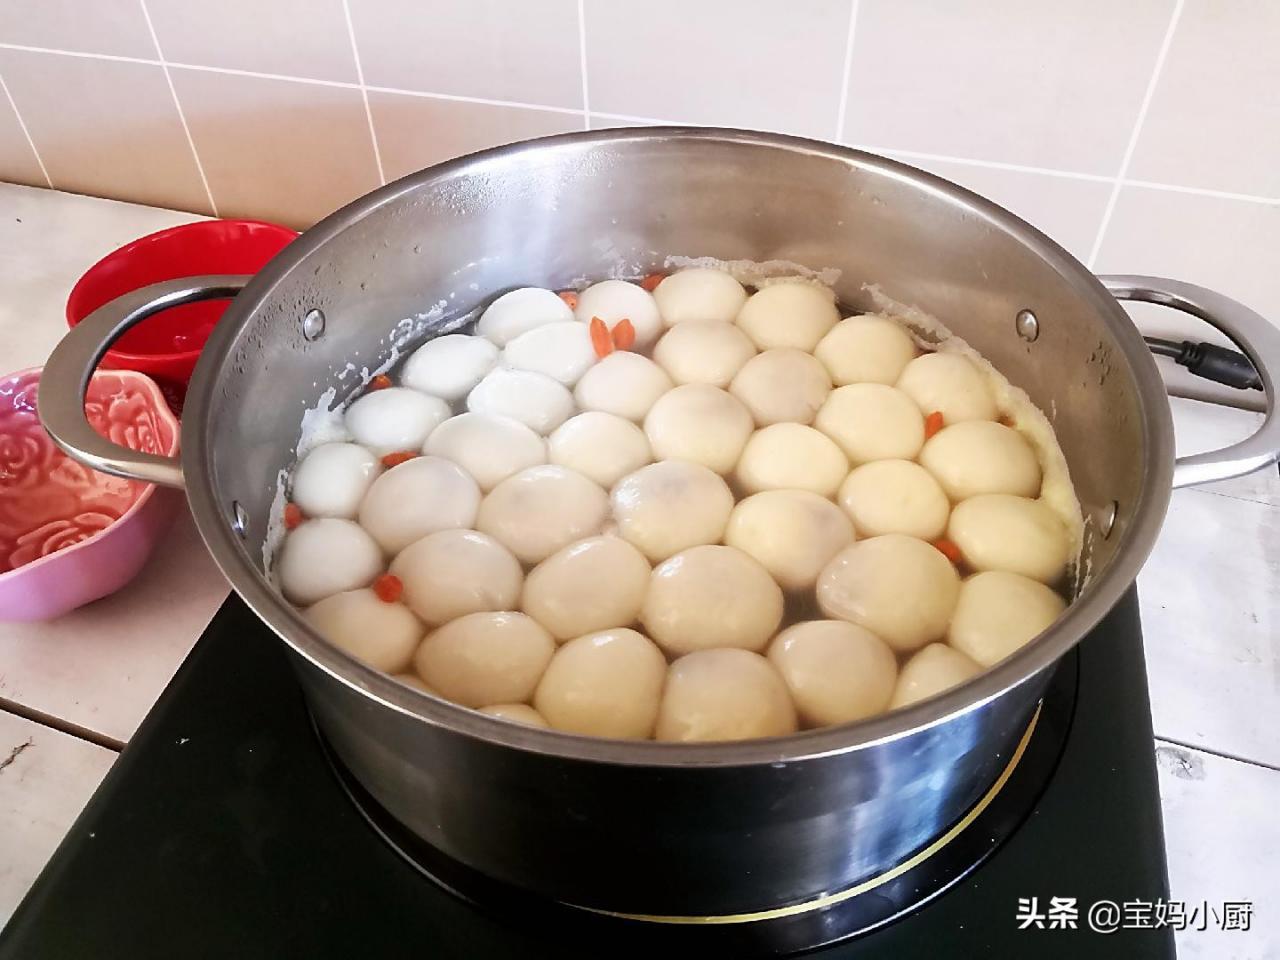 煮汤圆用冷水还是热水(煮汤圆不破皮的技巧)